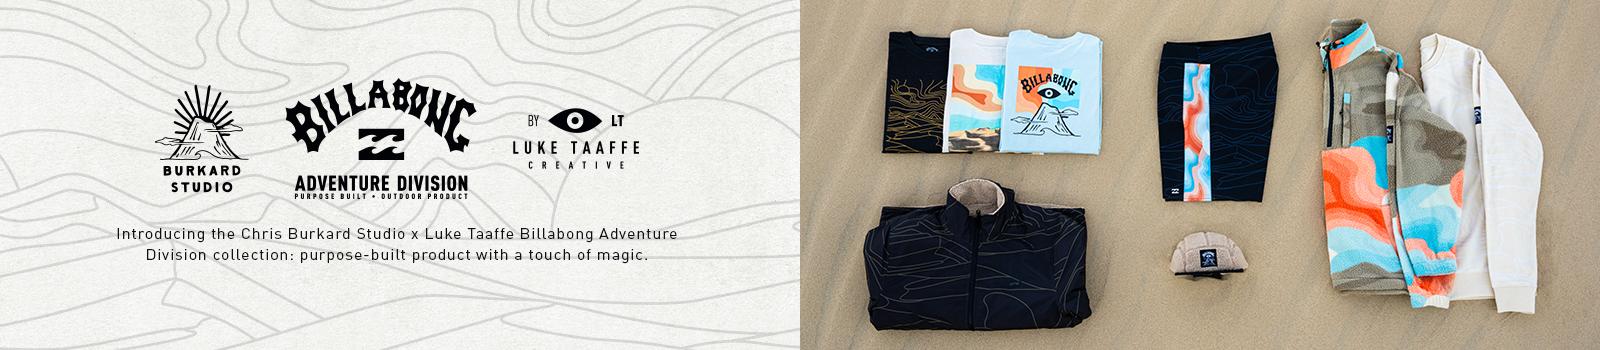 dunes-catbanner-cbxlt-3.jpg